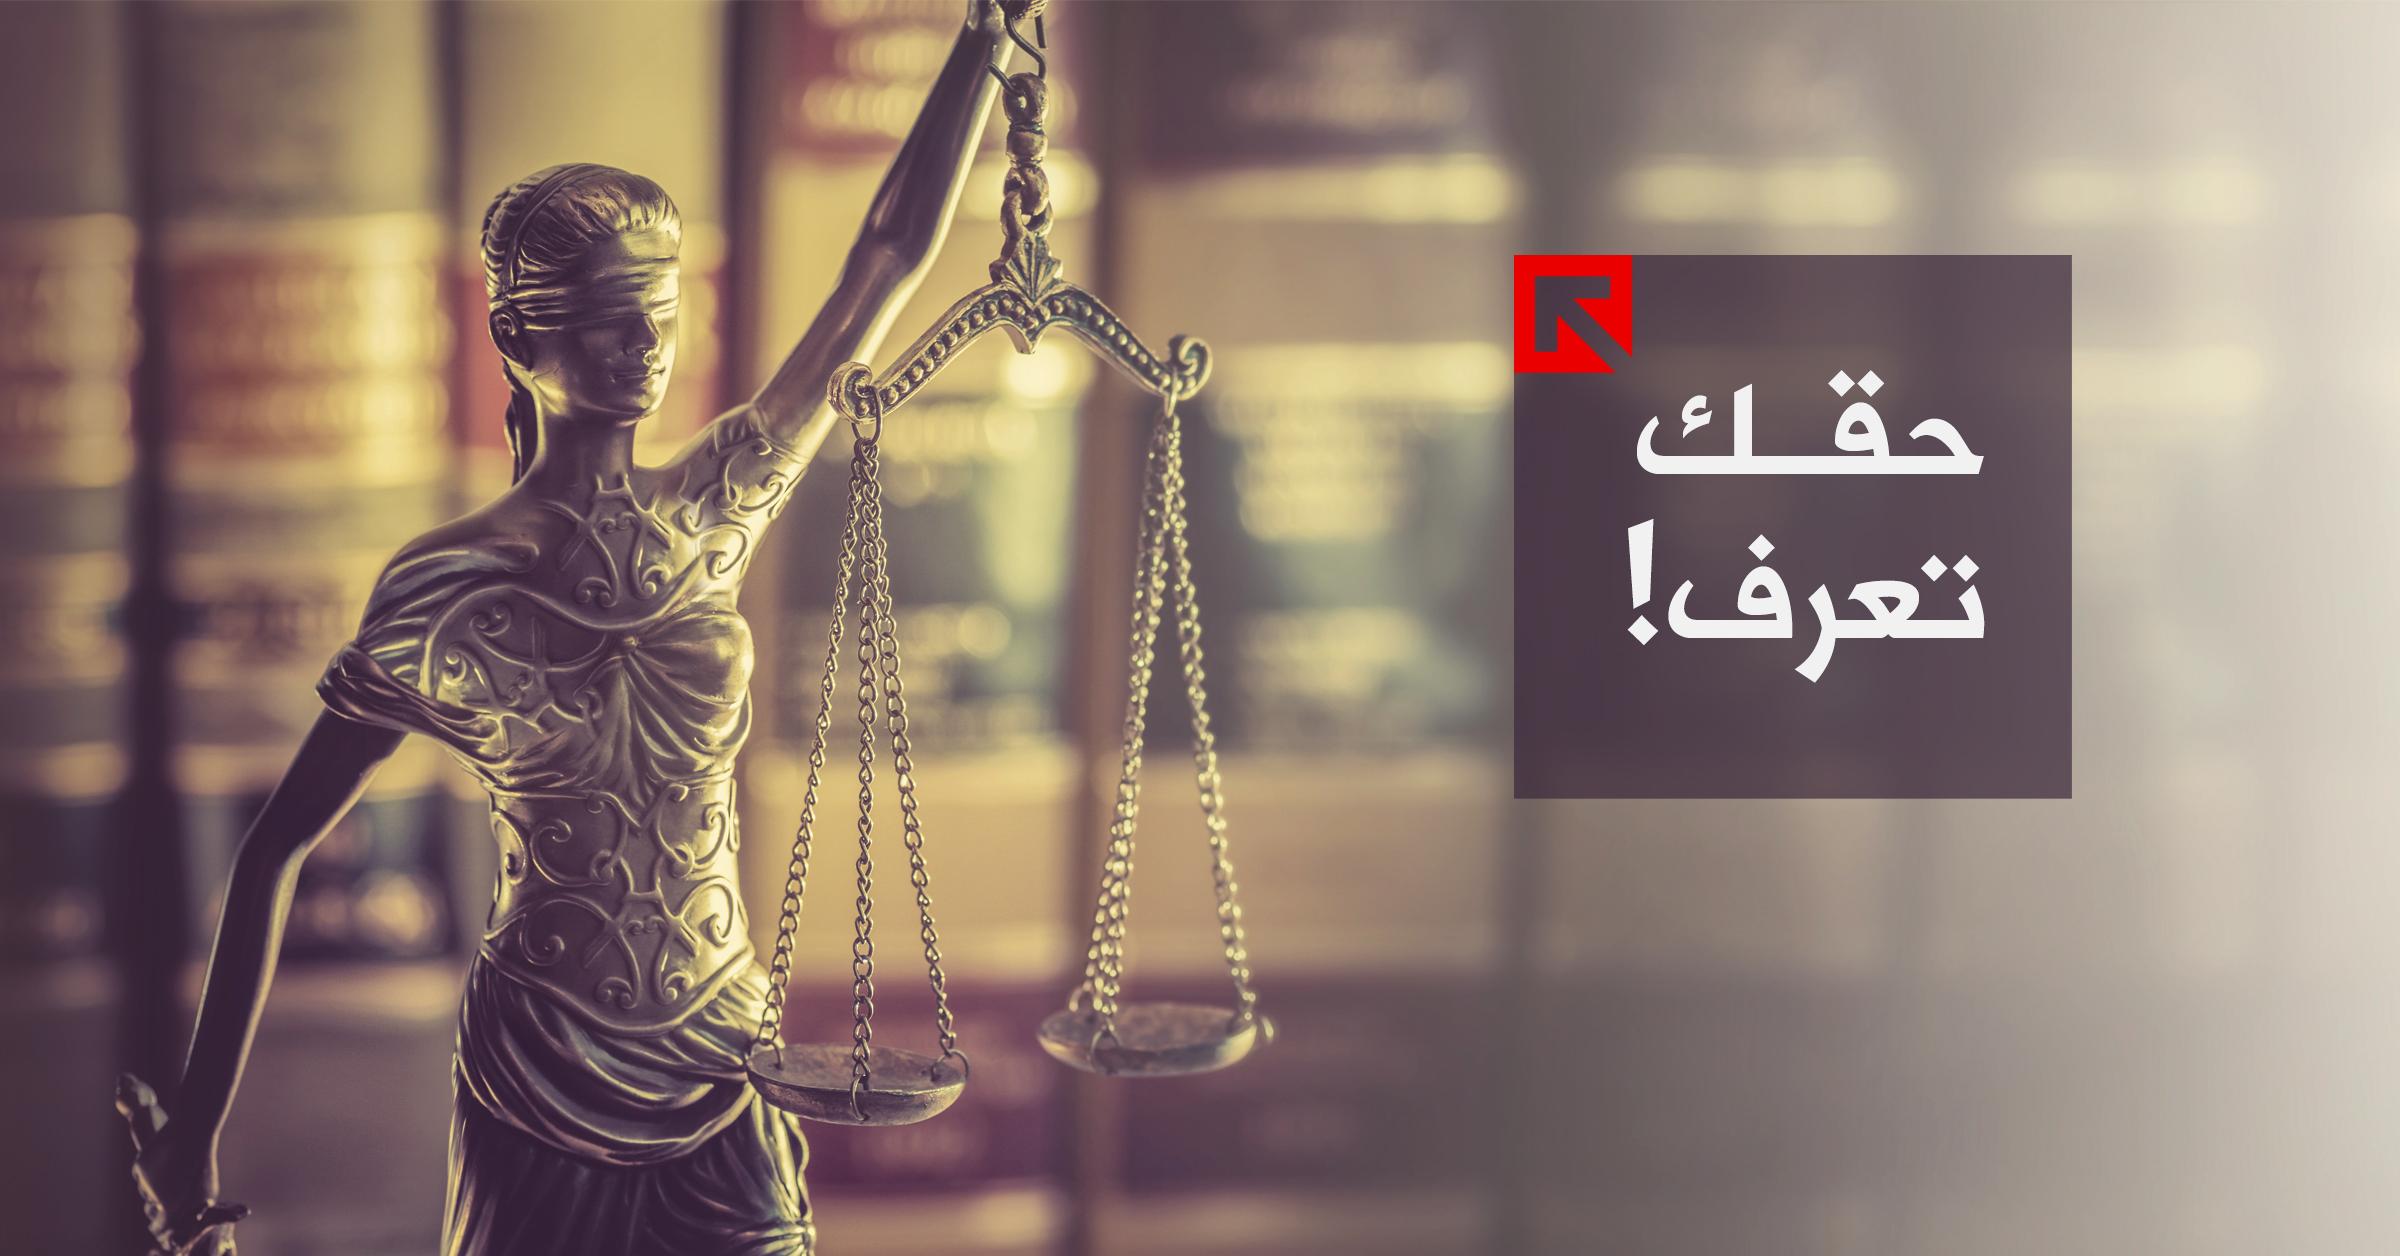 حقوق المشتبه بهم.. بين القانون والواقع المرير!